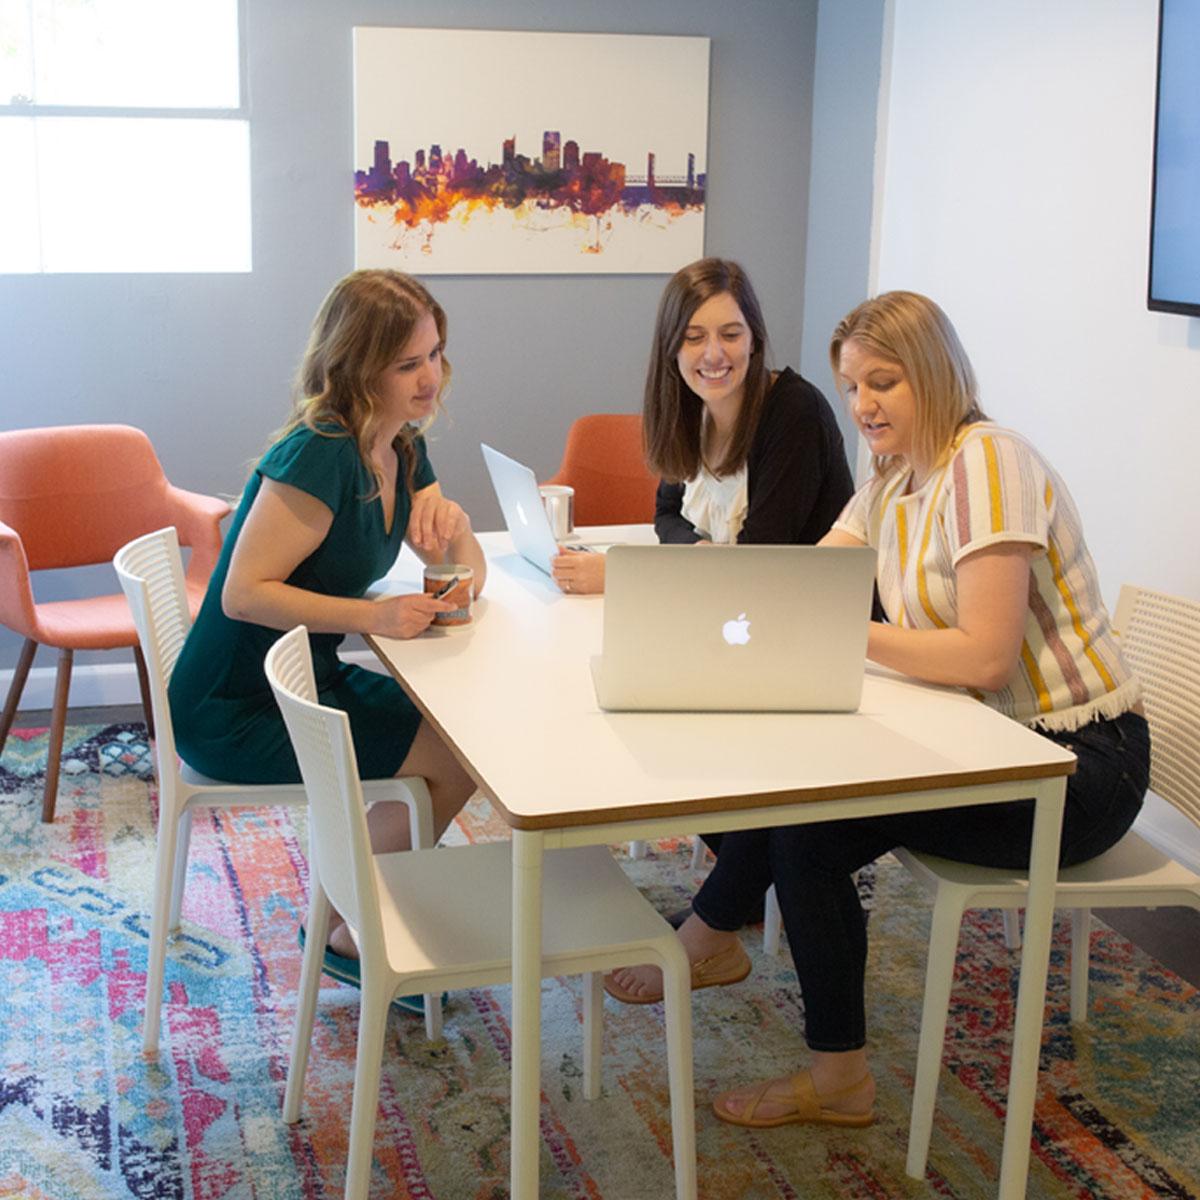 Members working in a meeting room